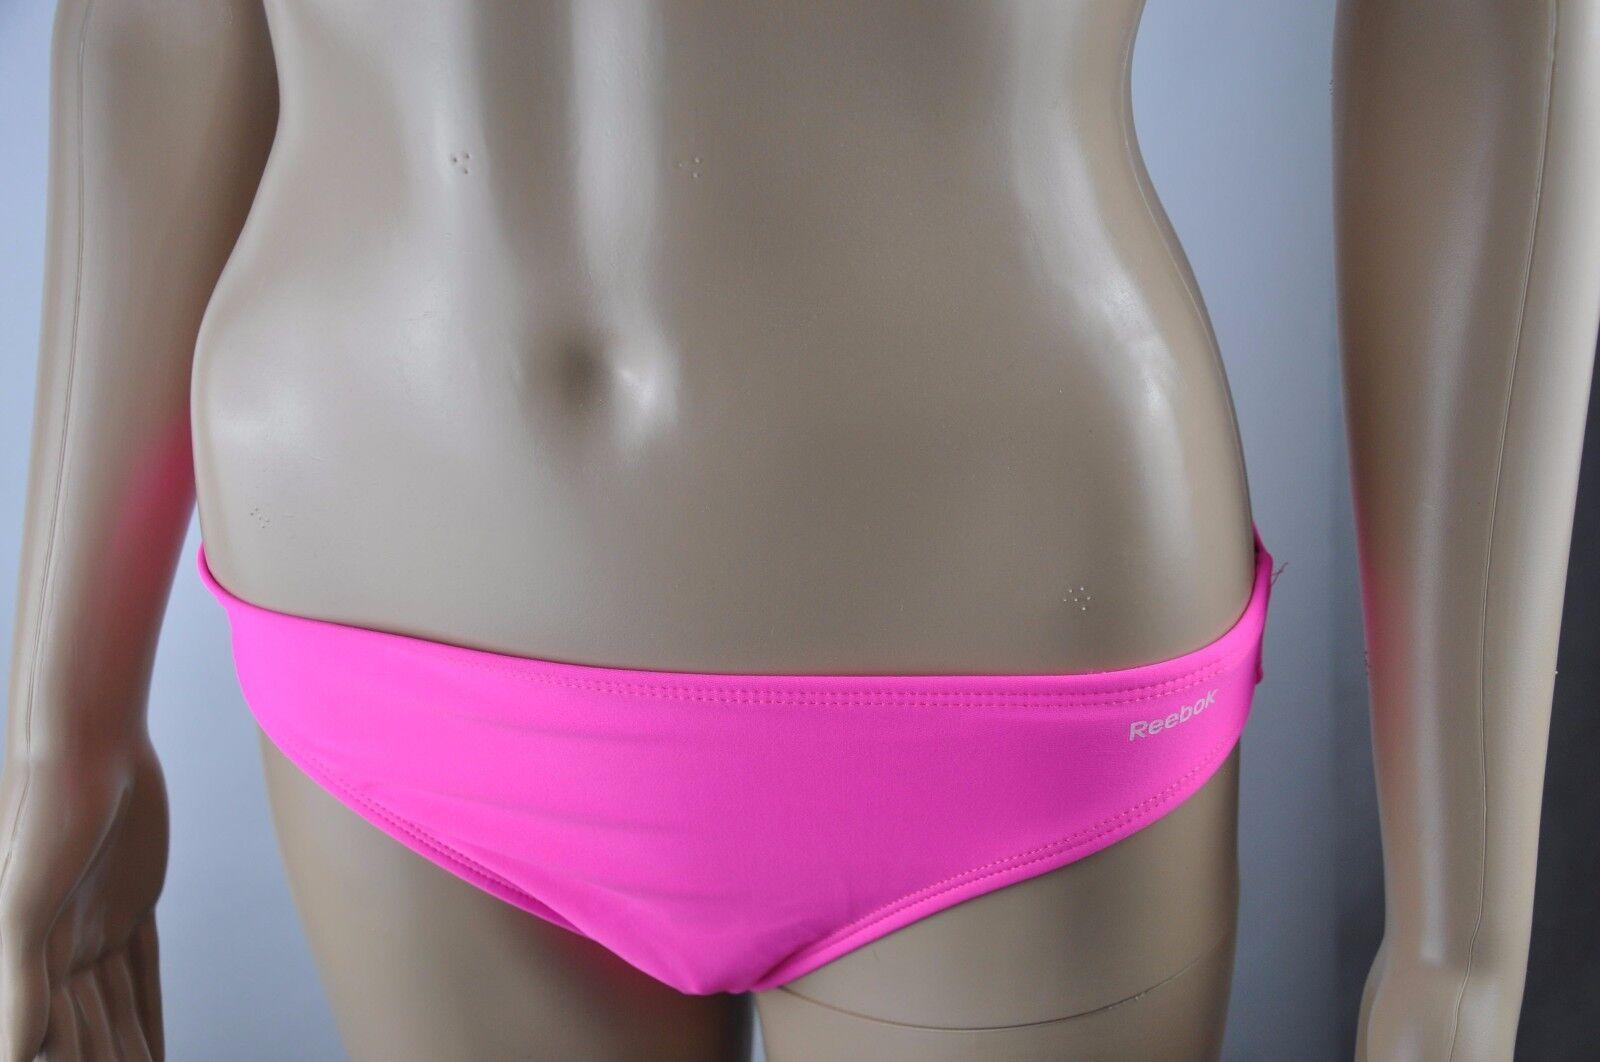 Reebok Bikini Brief Pants Pink Briefs Swim Bottoms Size XS/S/M/L New Trend